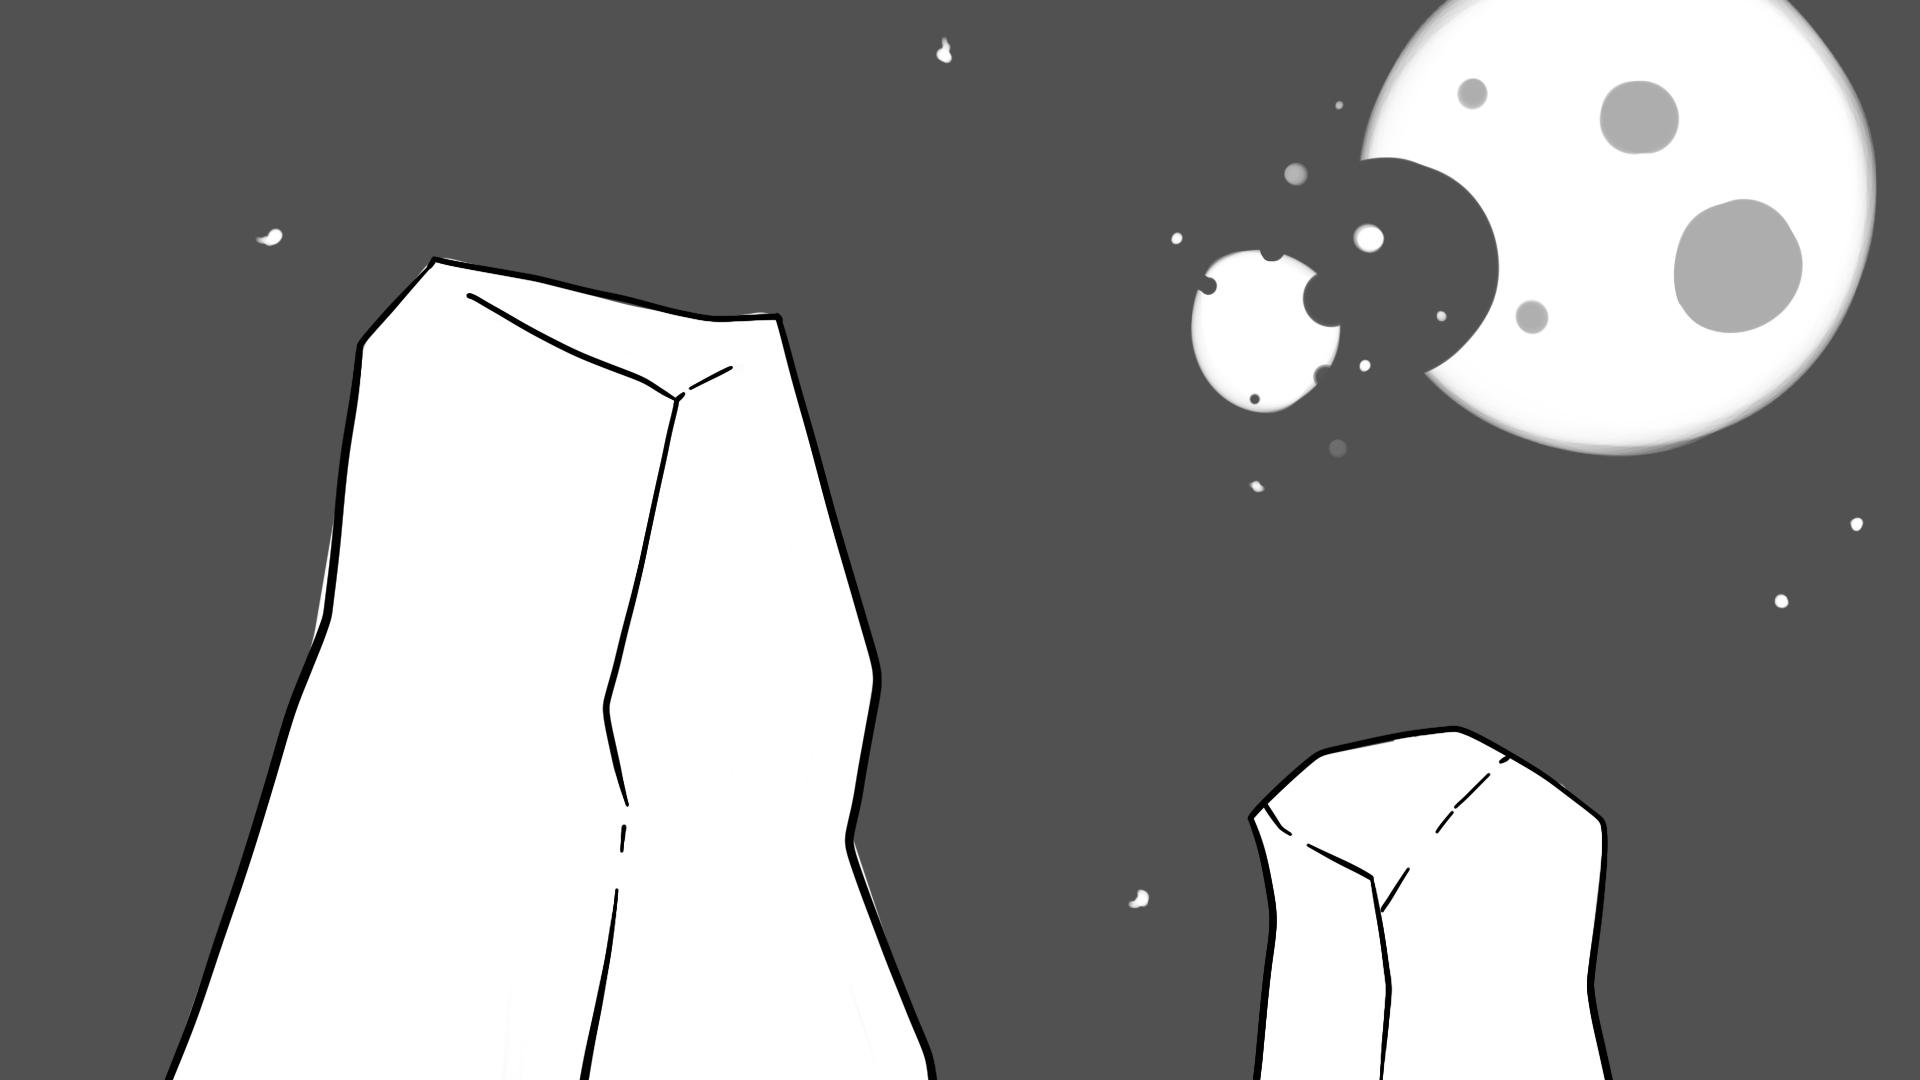 monolith_